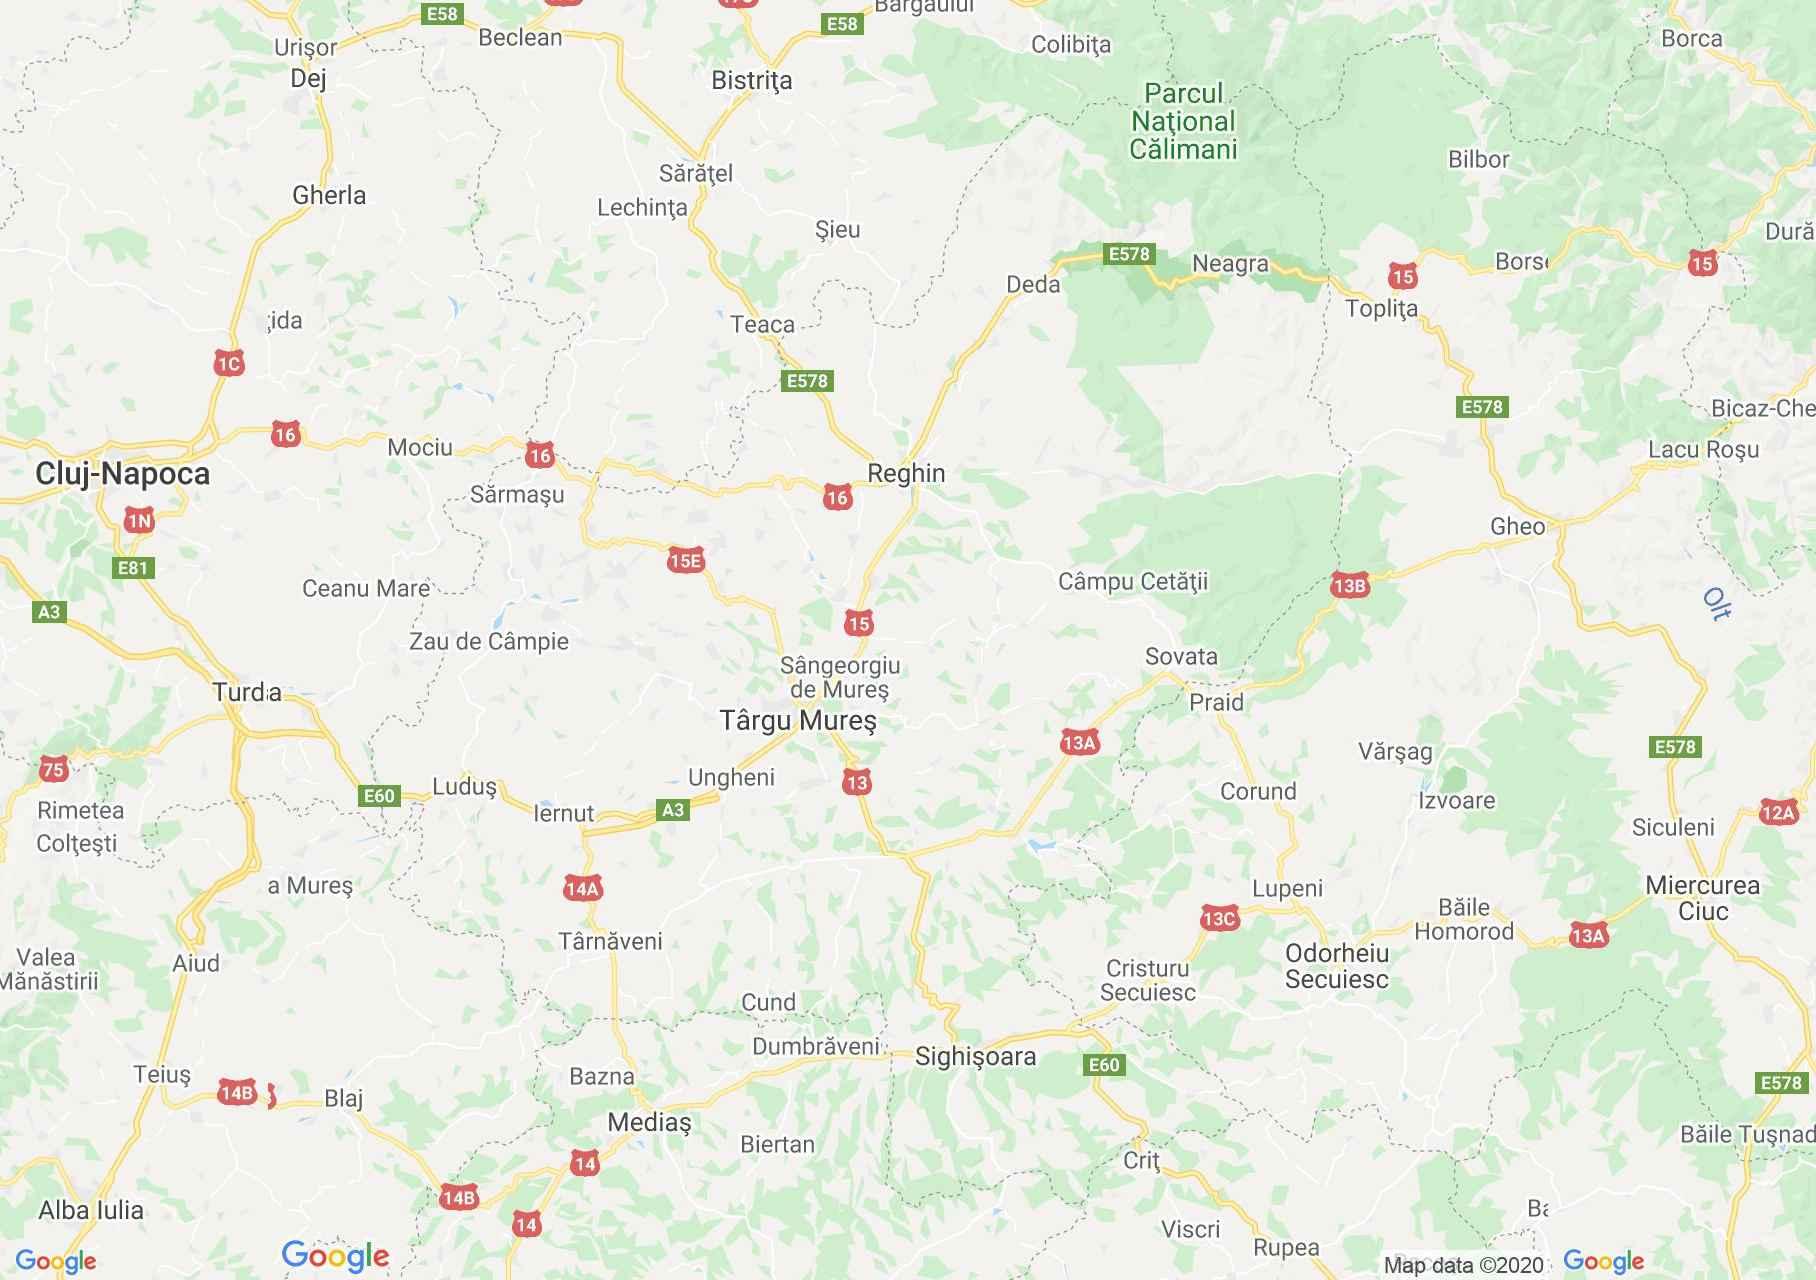 Judeţul Mureş: (Târgu Mureş), Harta turistică interactivă